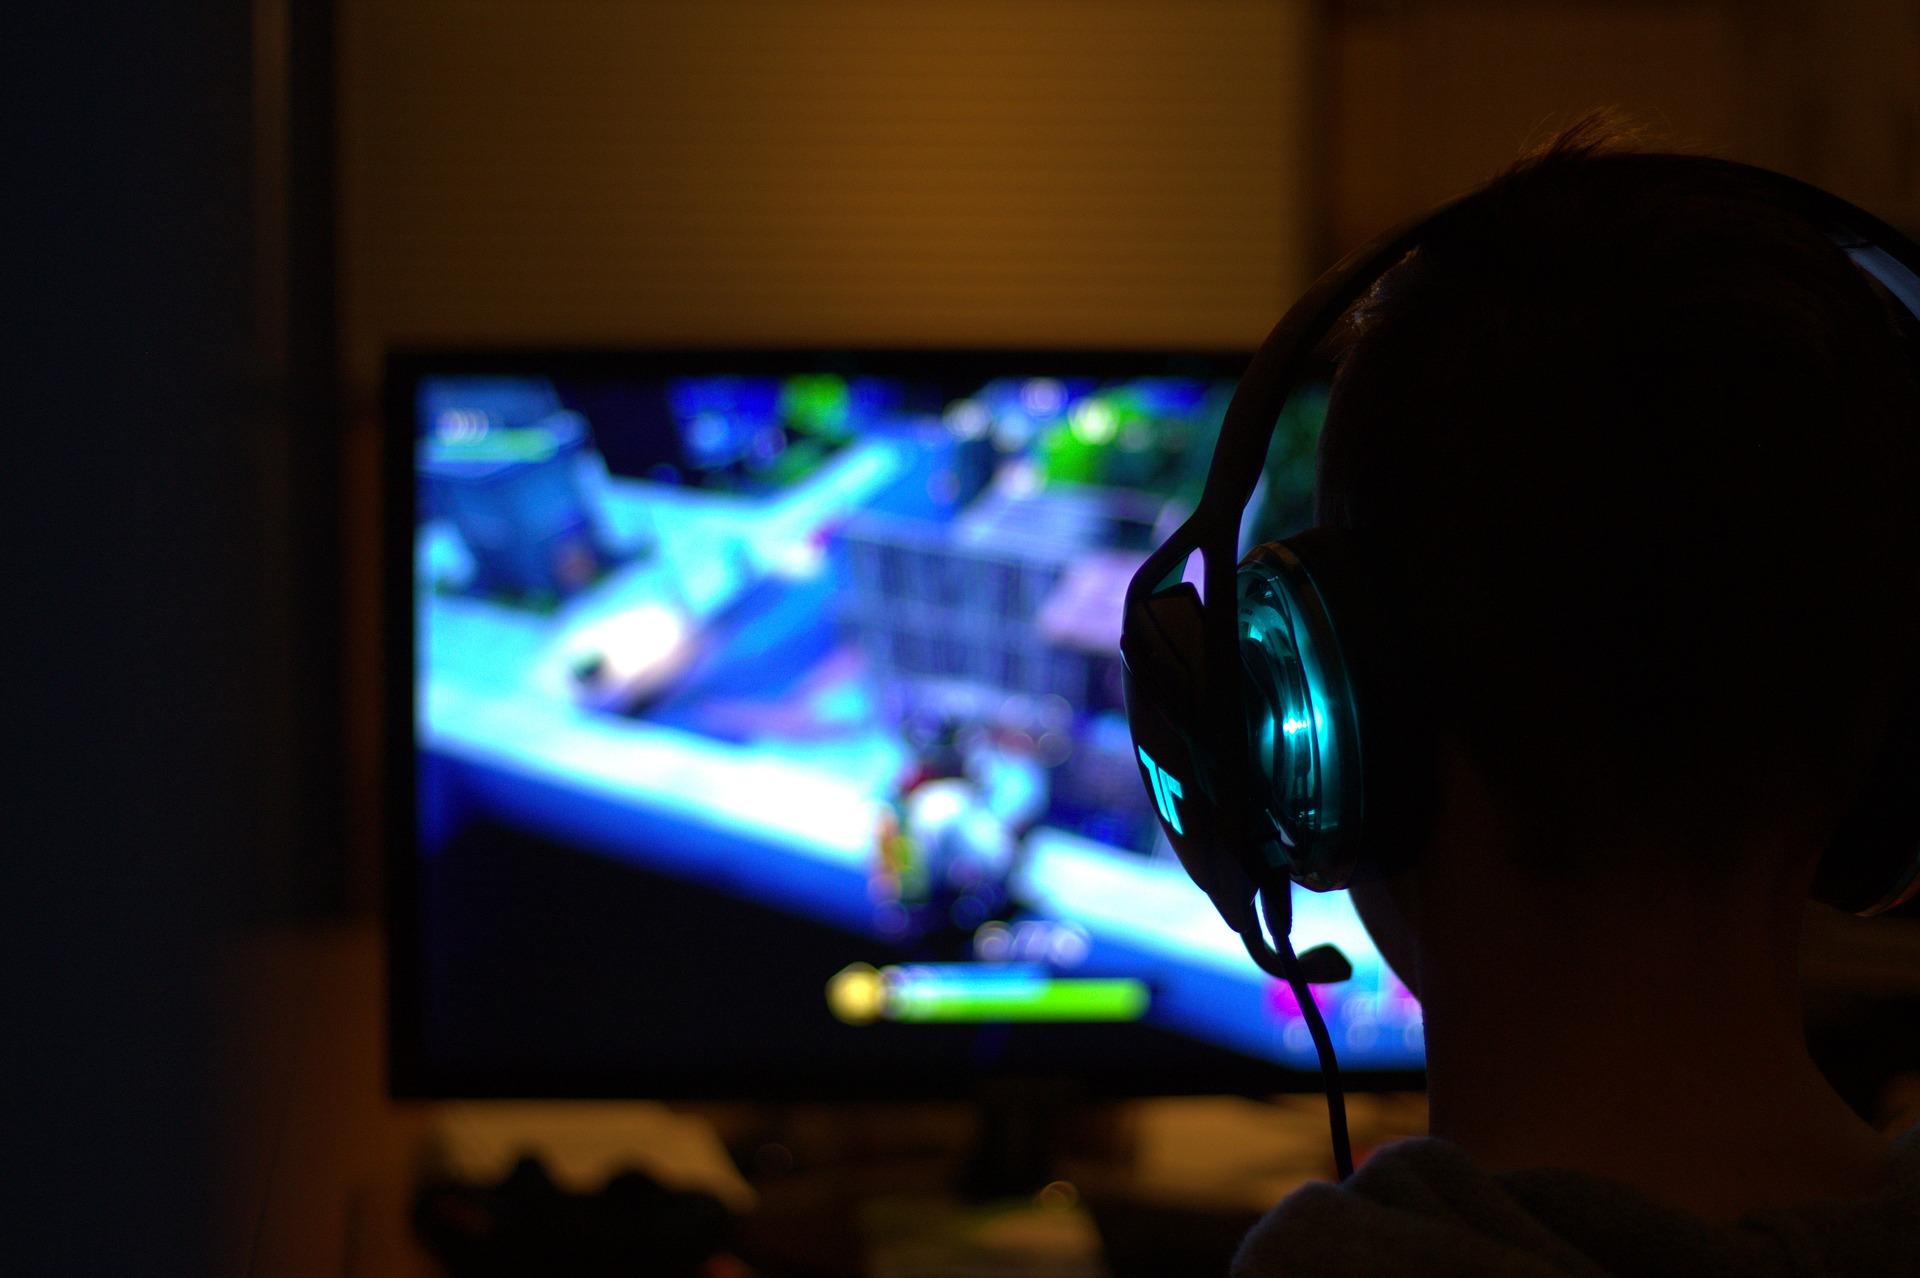 中祭鐵腕打壓「遊戲產業」! 分析師:對台影響小